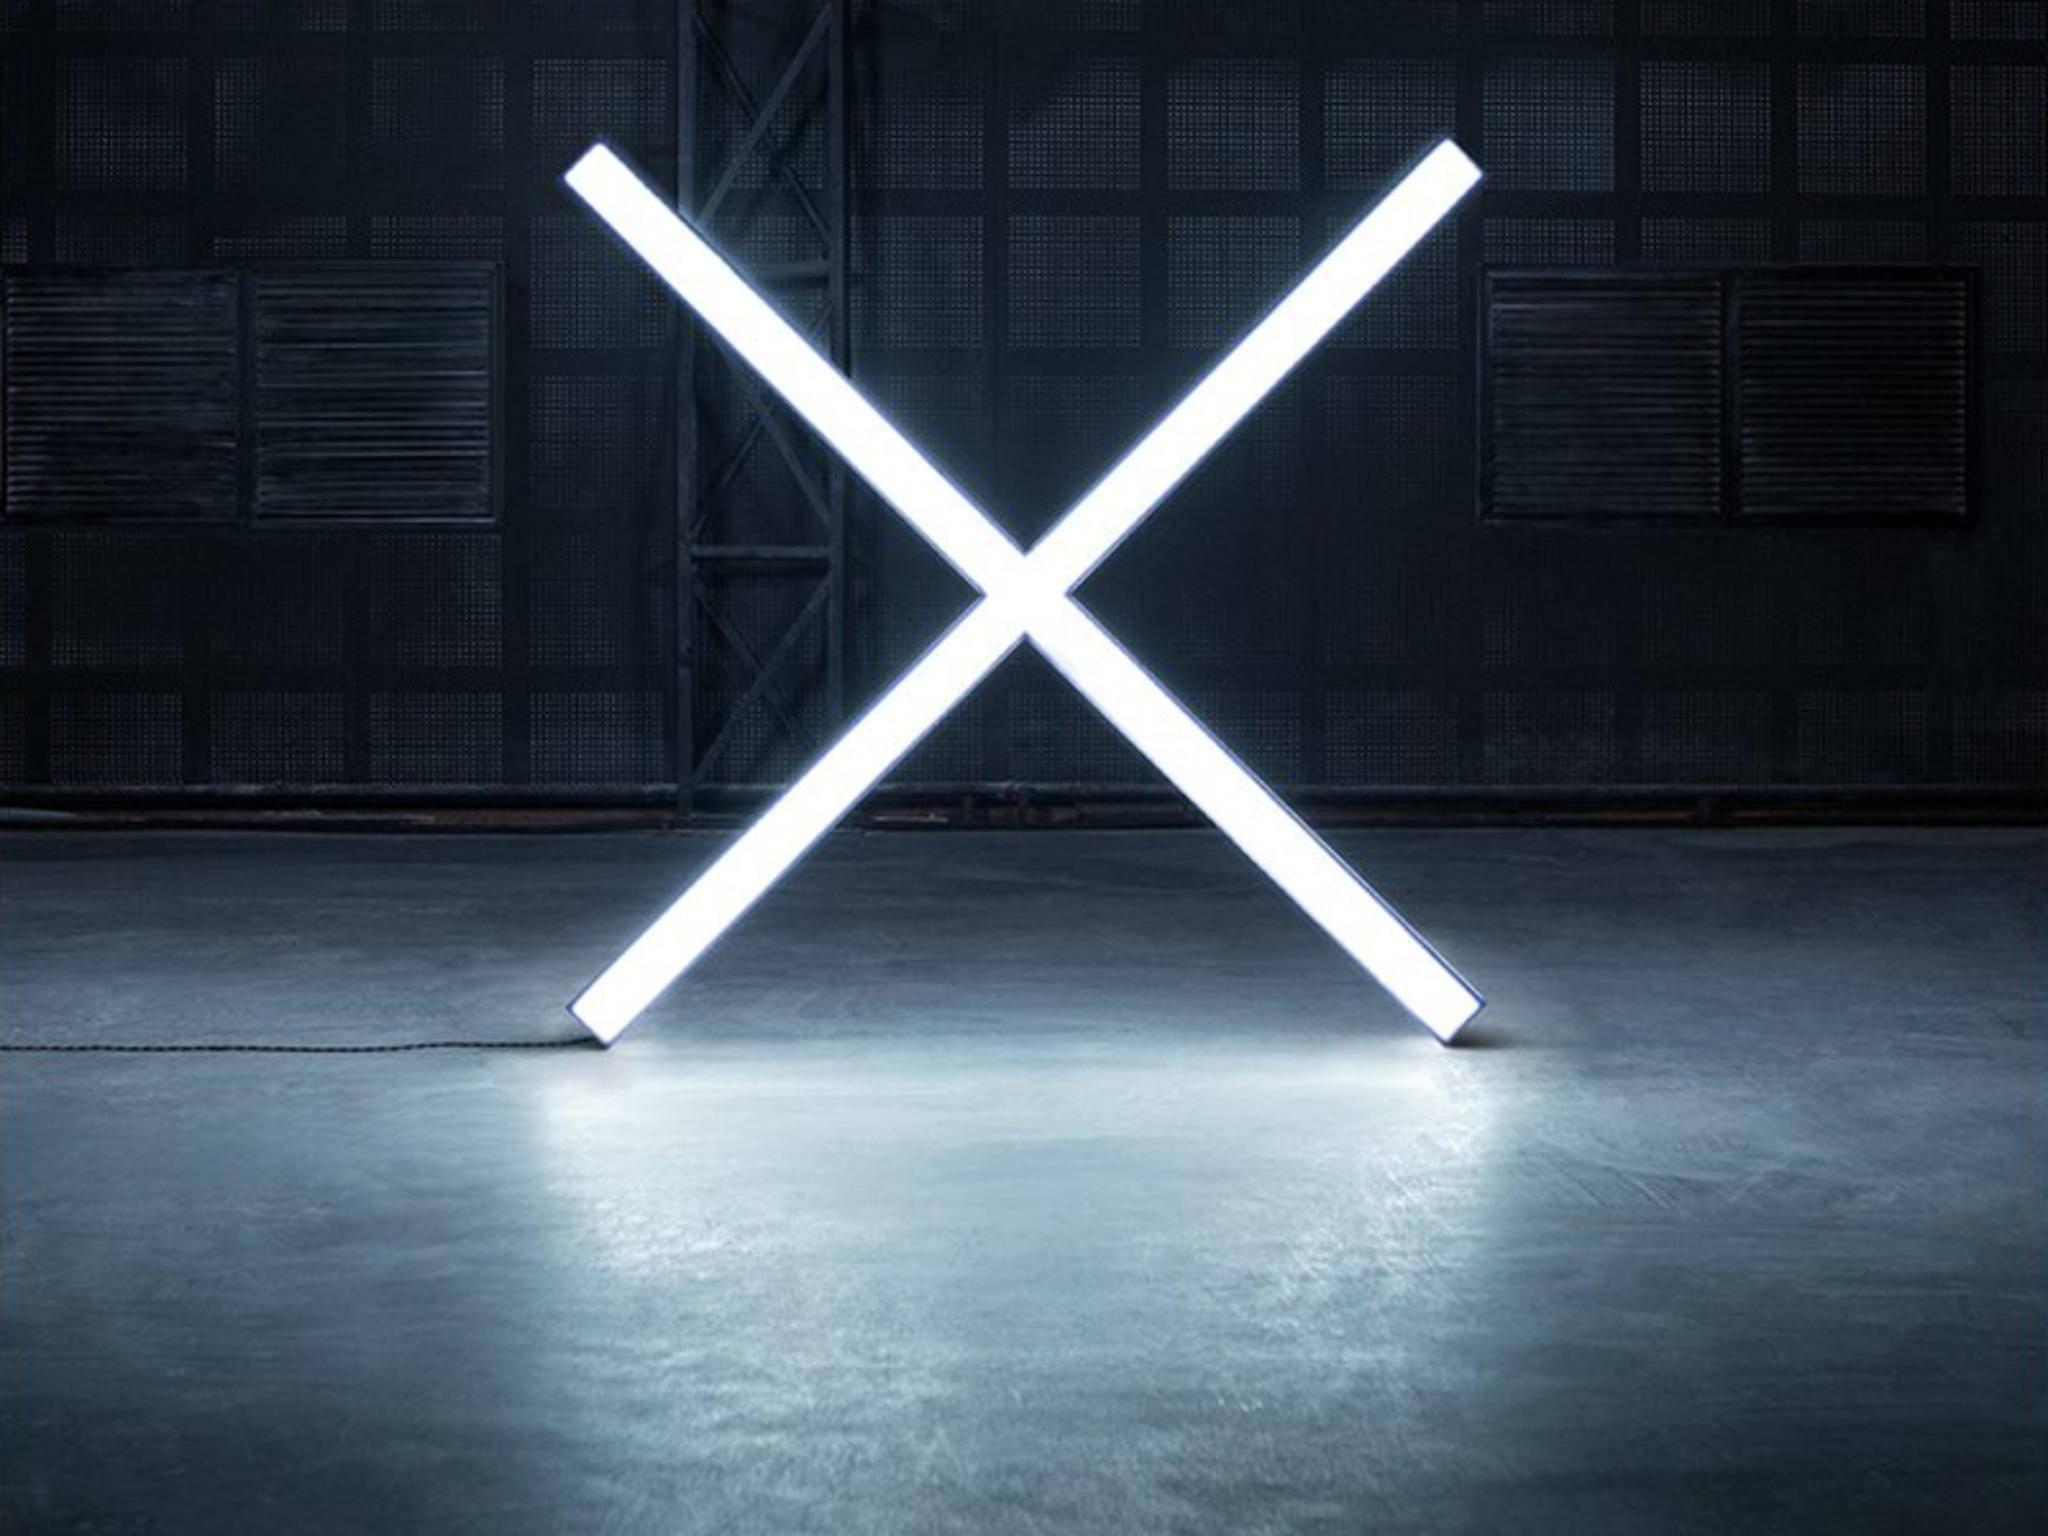 Mit diesem Teaser kündigt OnePlus eine Vorstellung am 29. Oktober an.